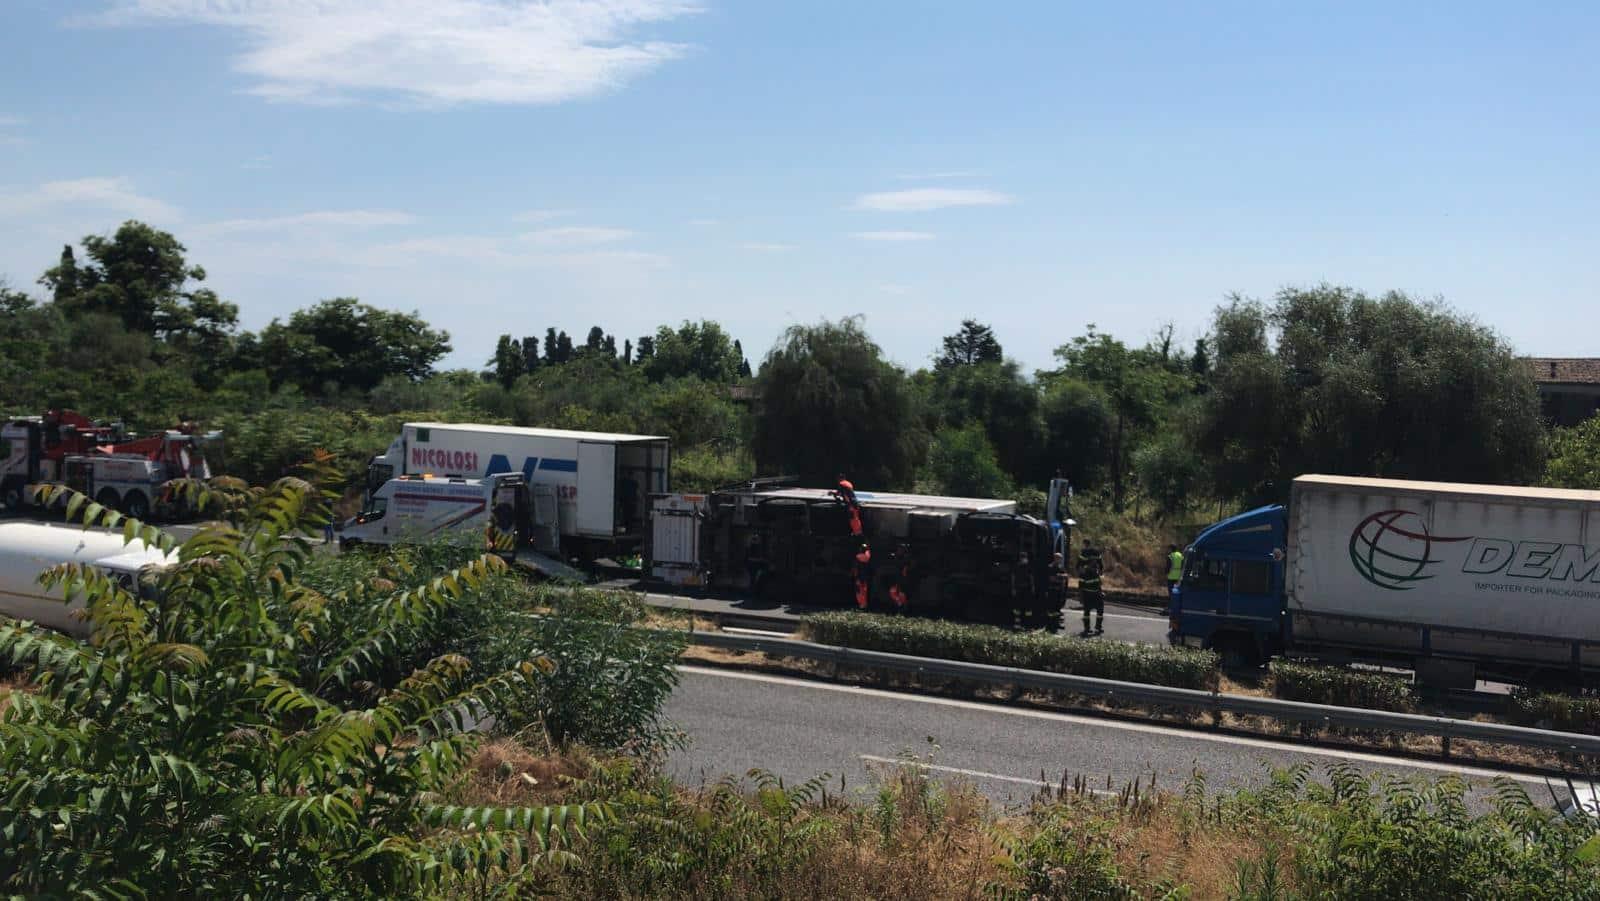 Incidente sulla Messina-Catania, Tir ribaltato all'altezza di Giarre e traffico bloccato: AGGIORNAMENTO